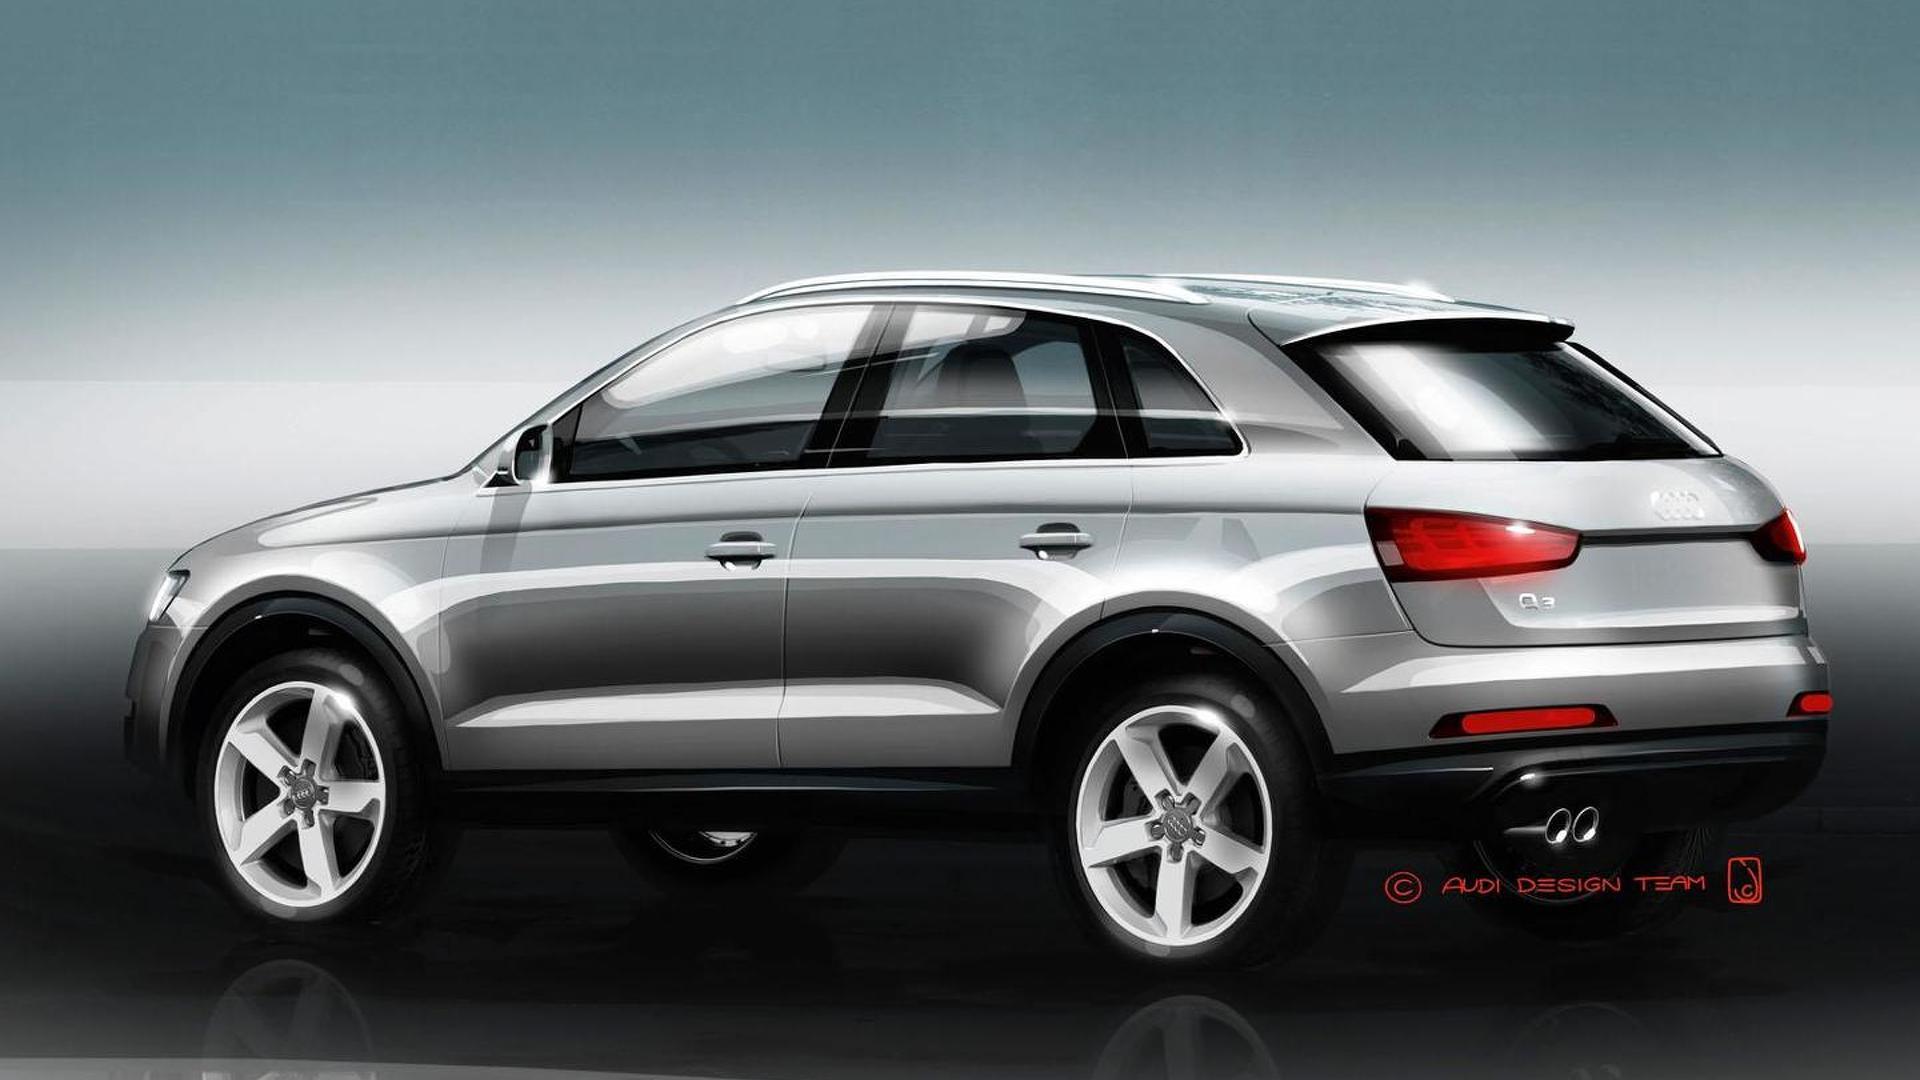 2012 Audi Q3 unveiled [video]